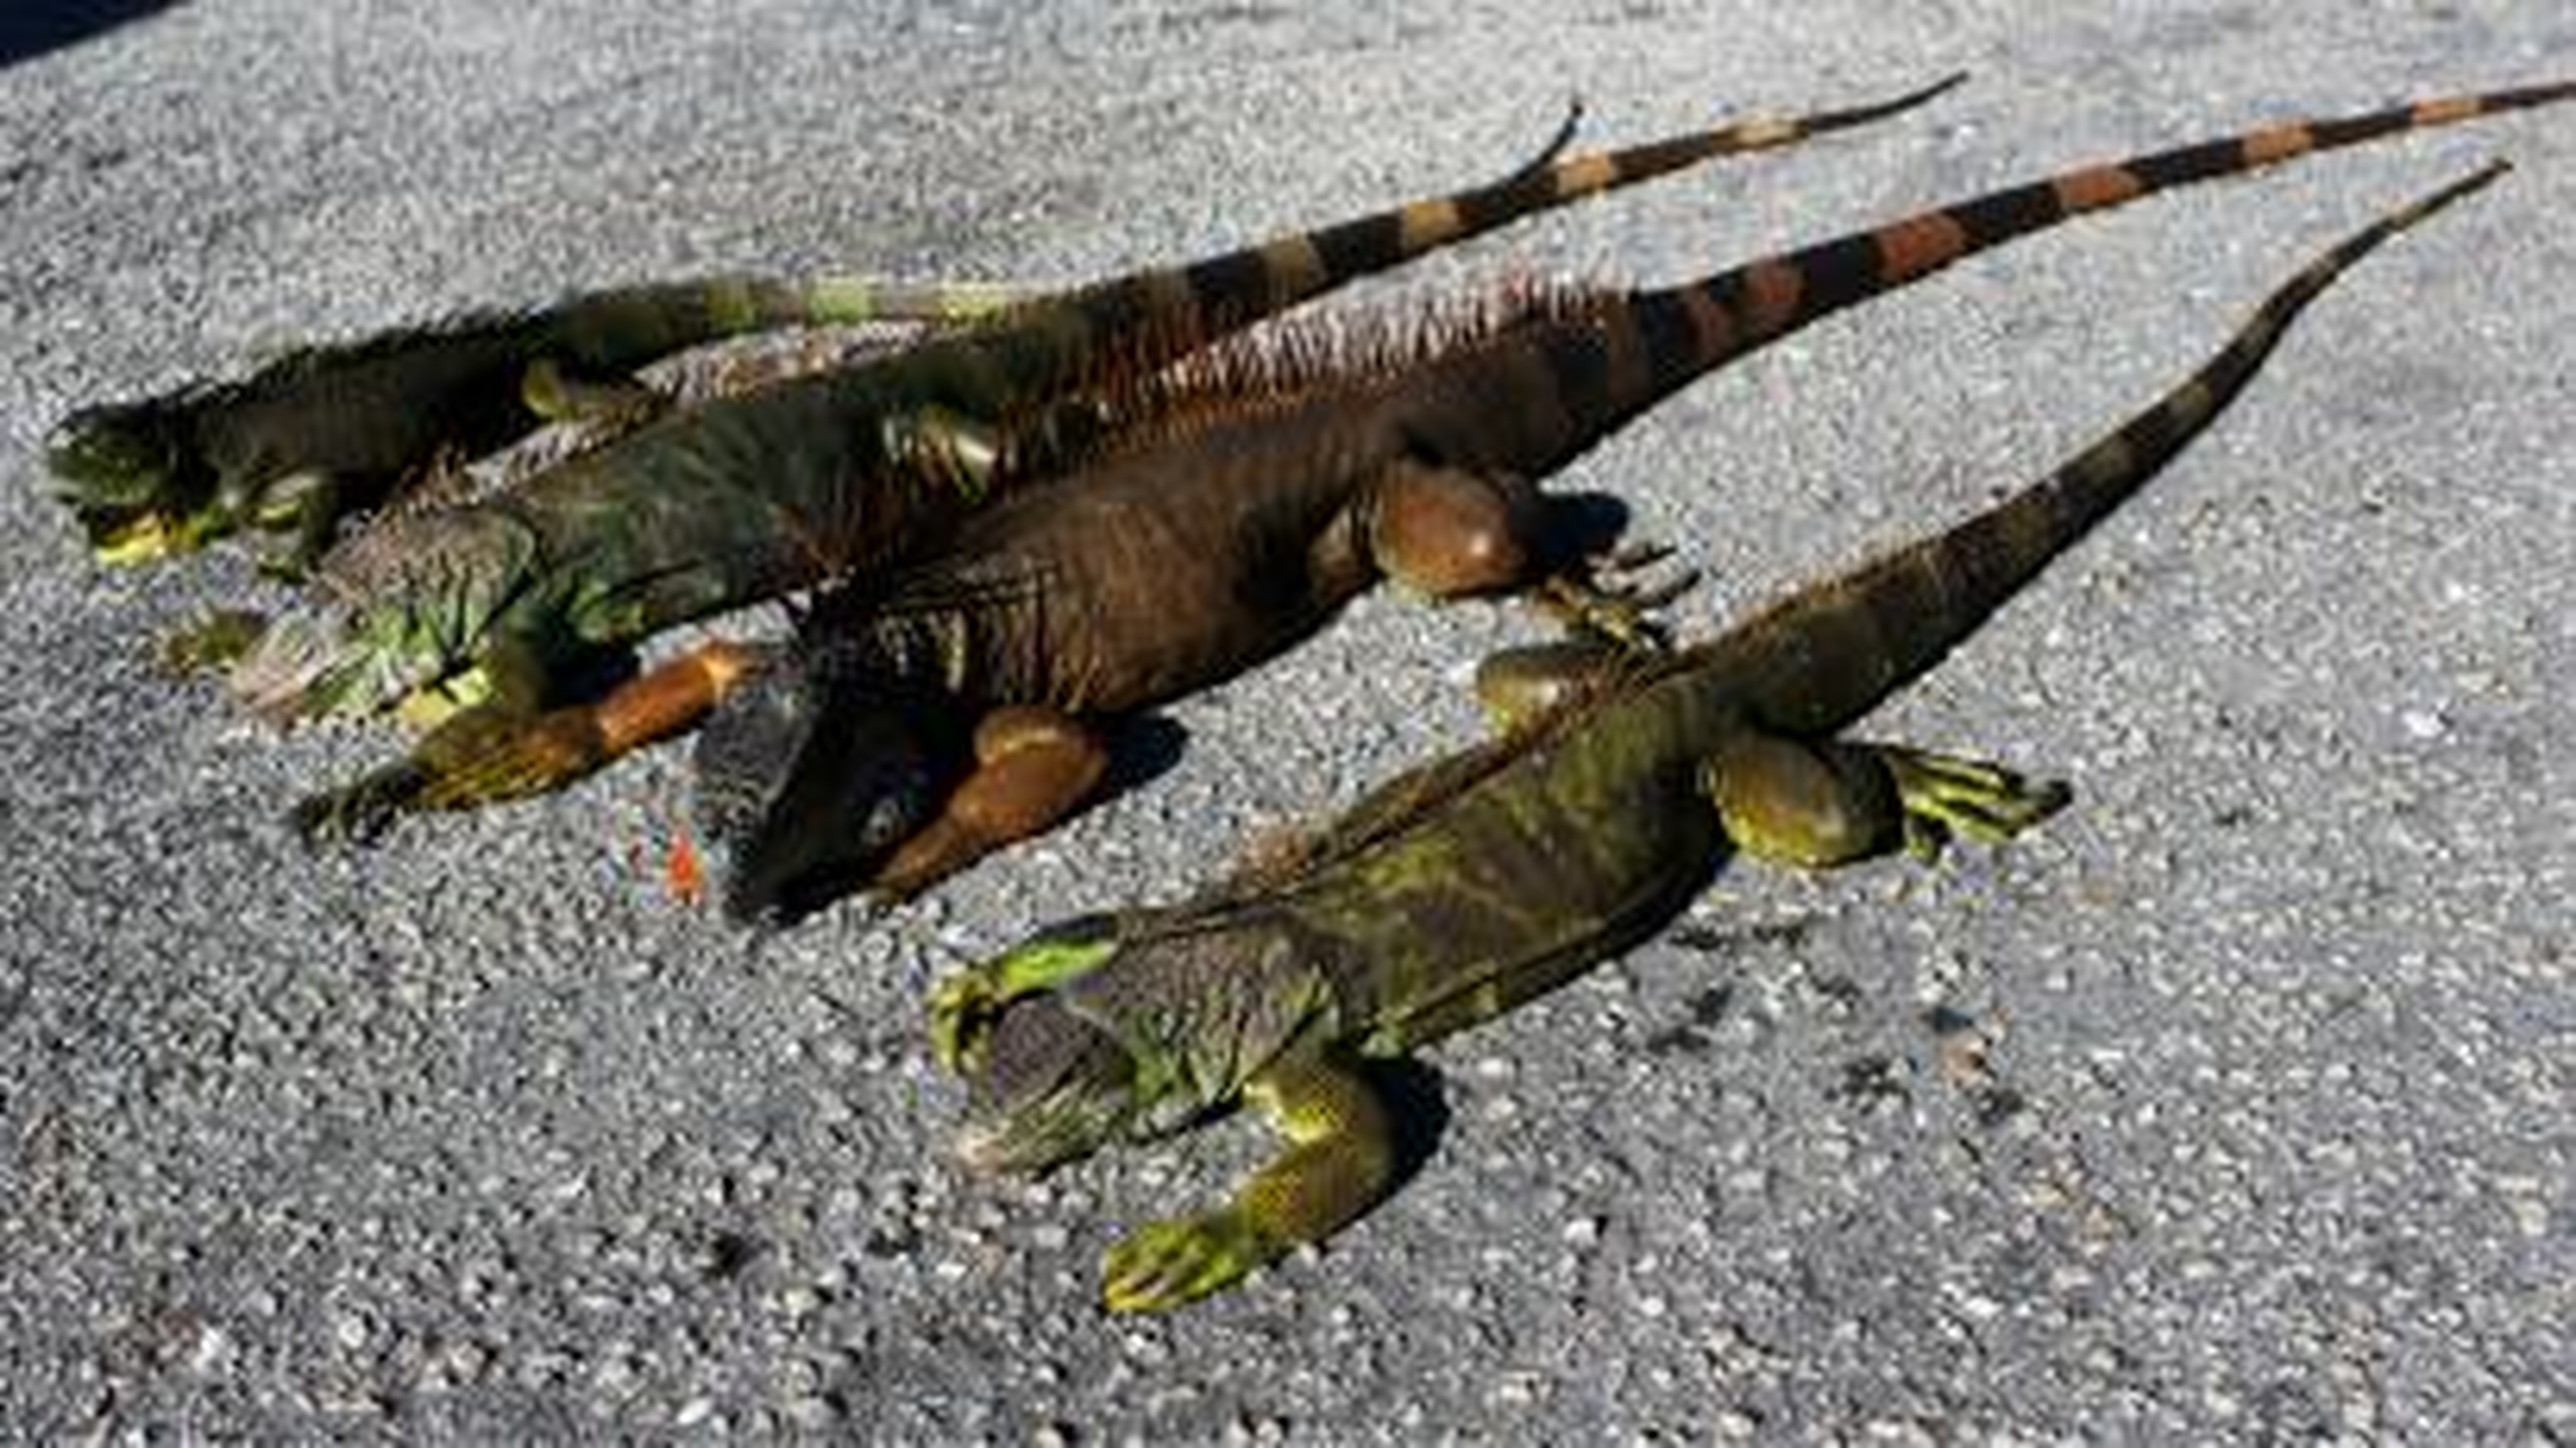 Iguanas in Florida